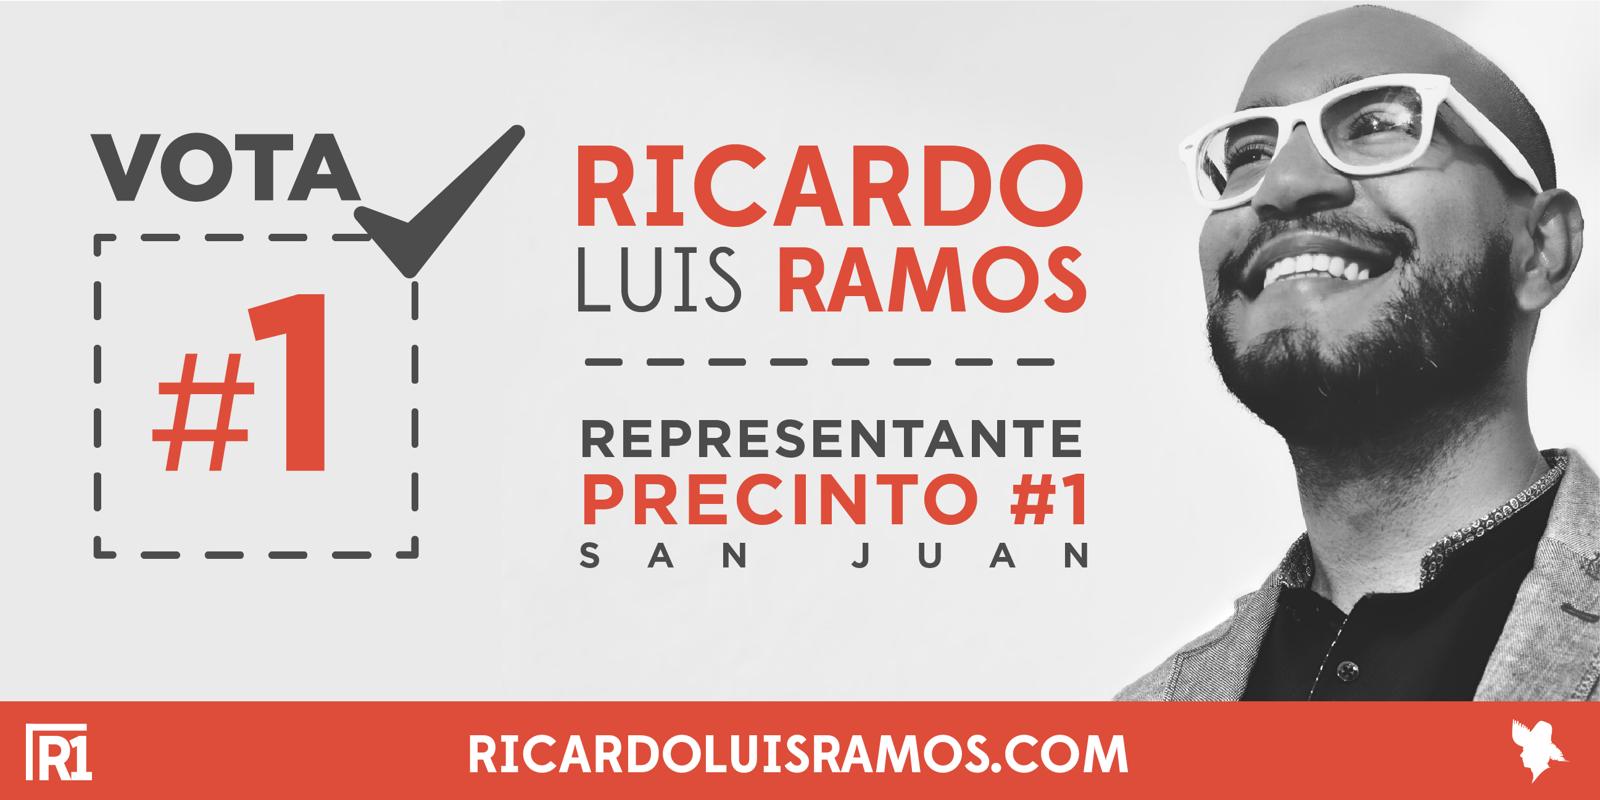 57c15cc755e78179-RicardoRamos3x15-01